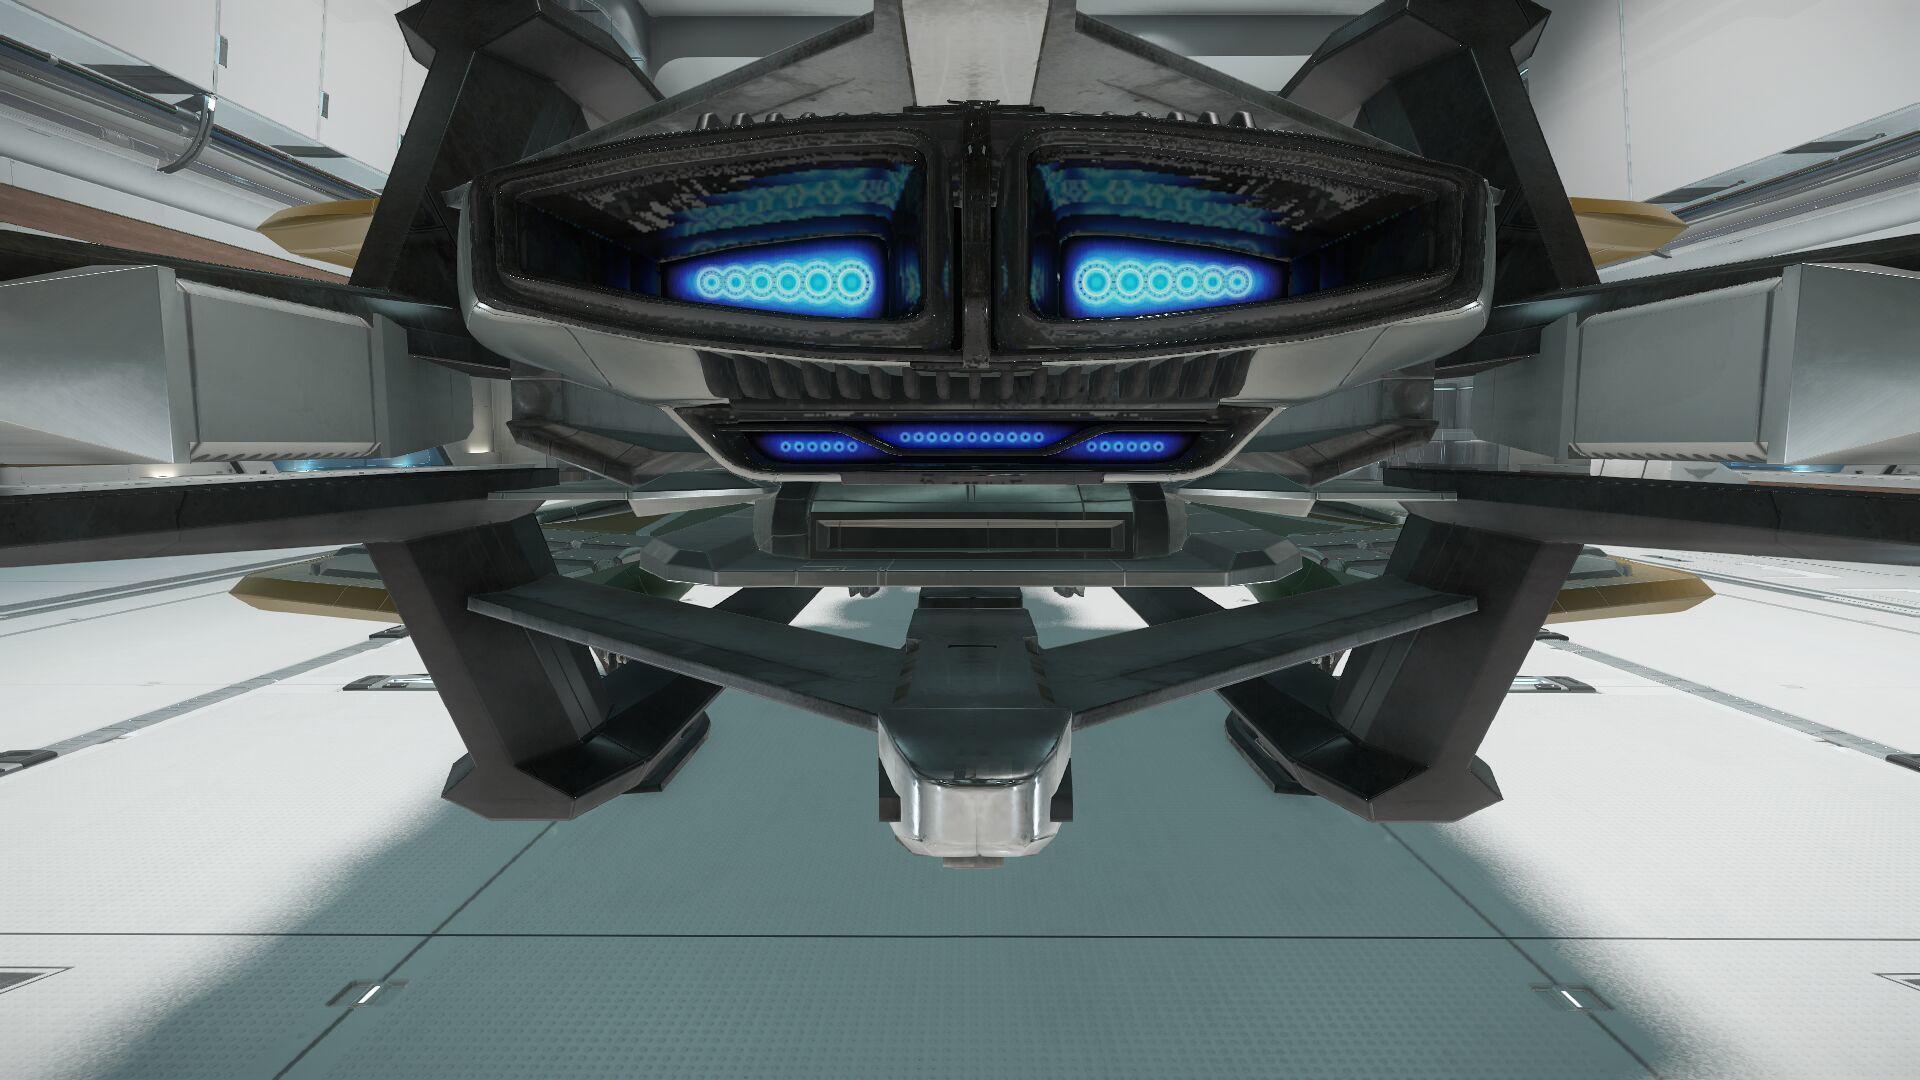 Wygląd zewnętrzny - silnik główny - widok z tyłu